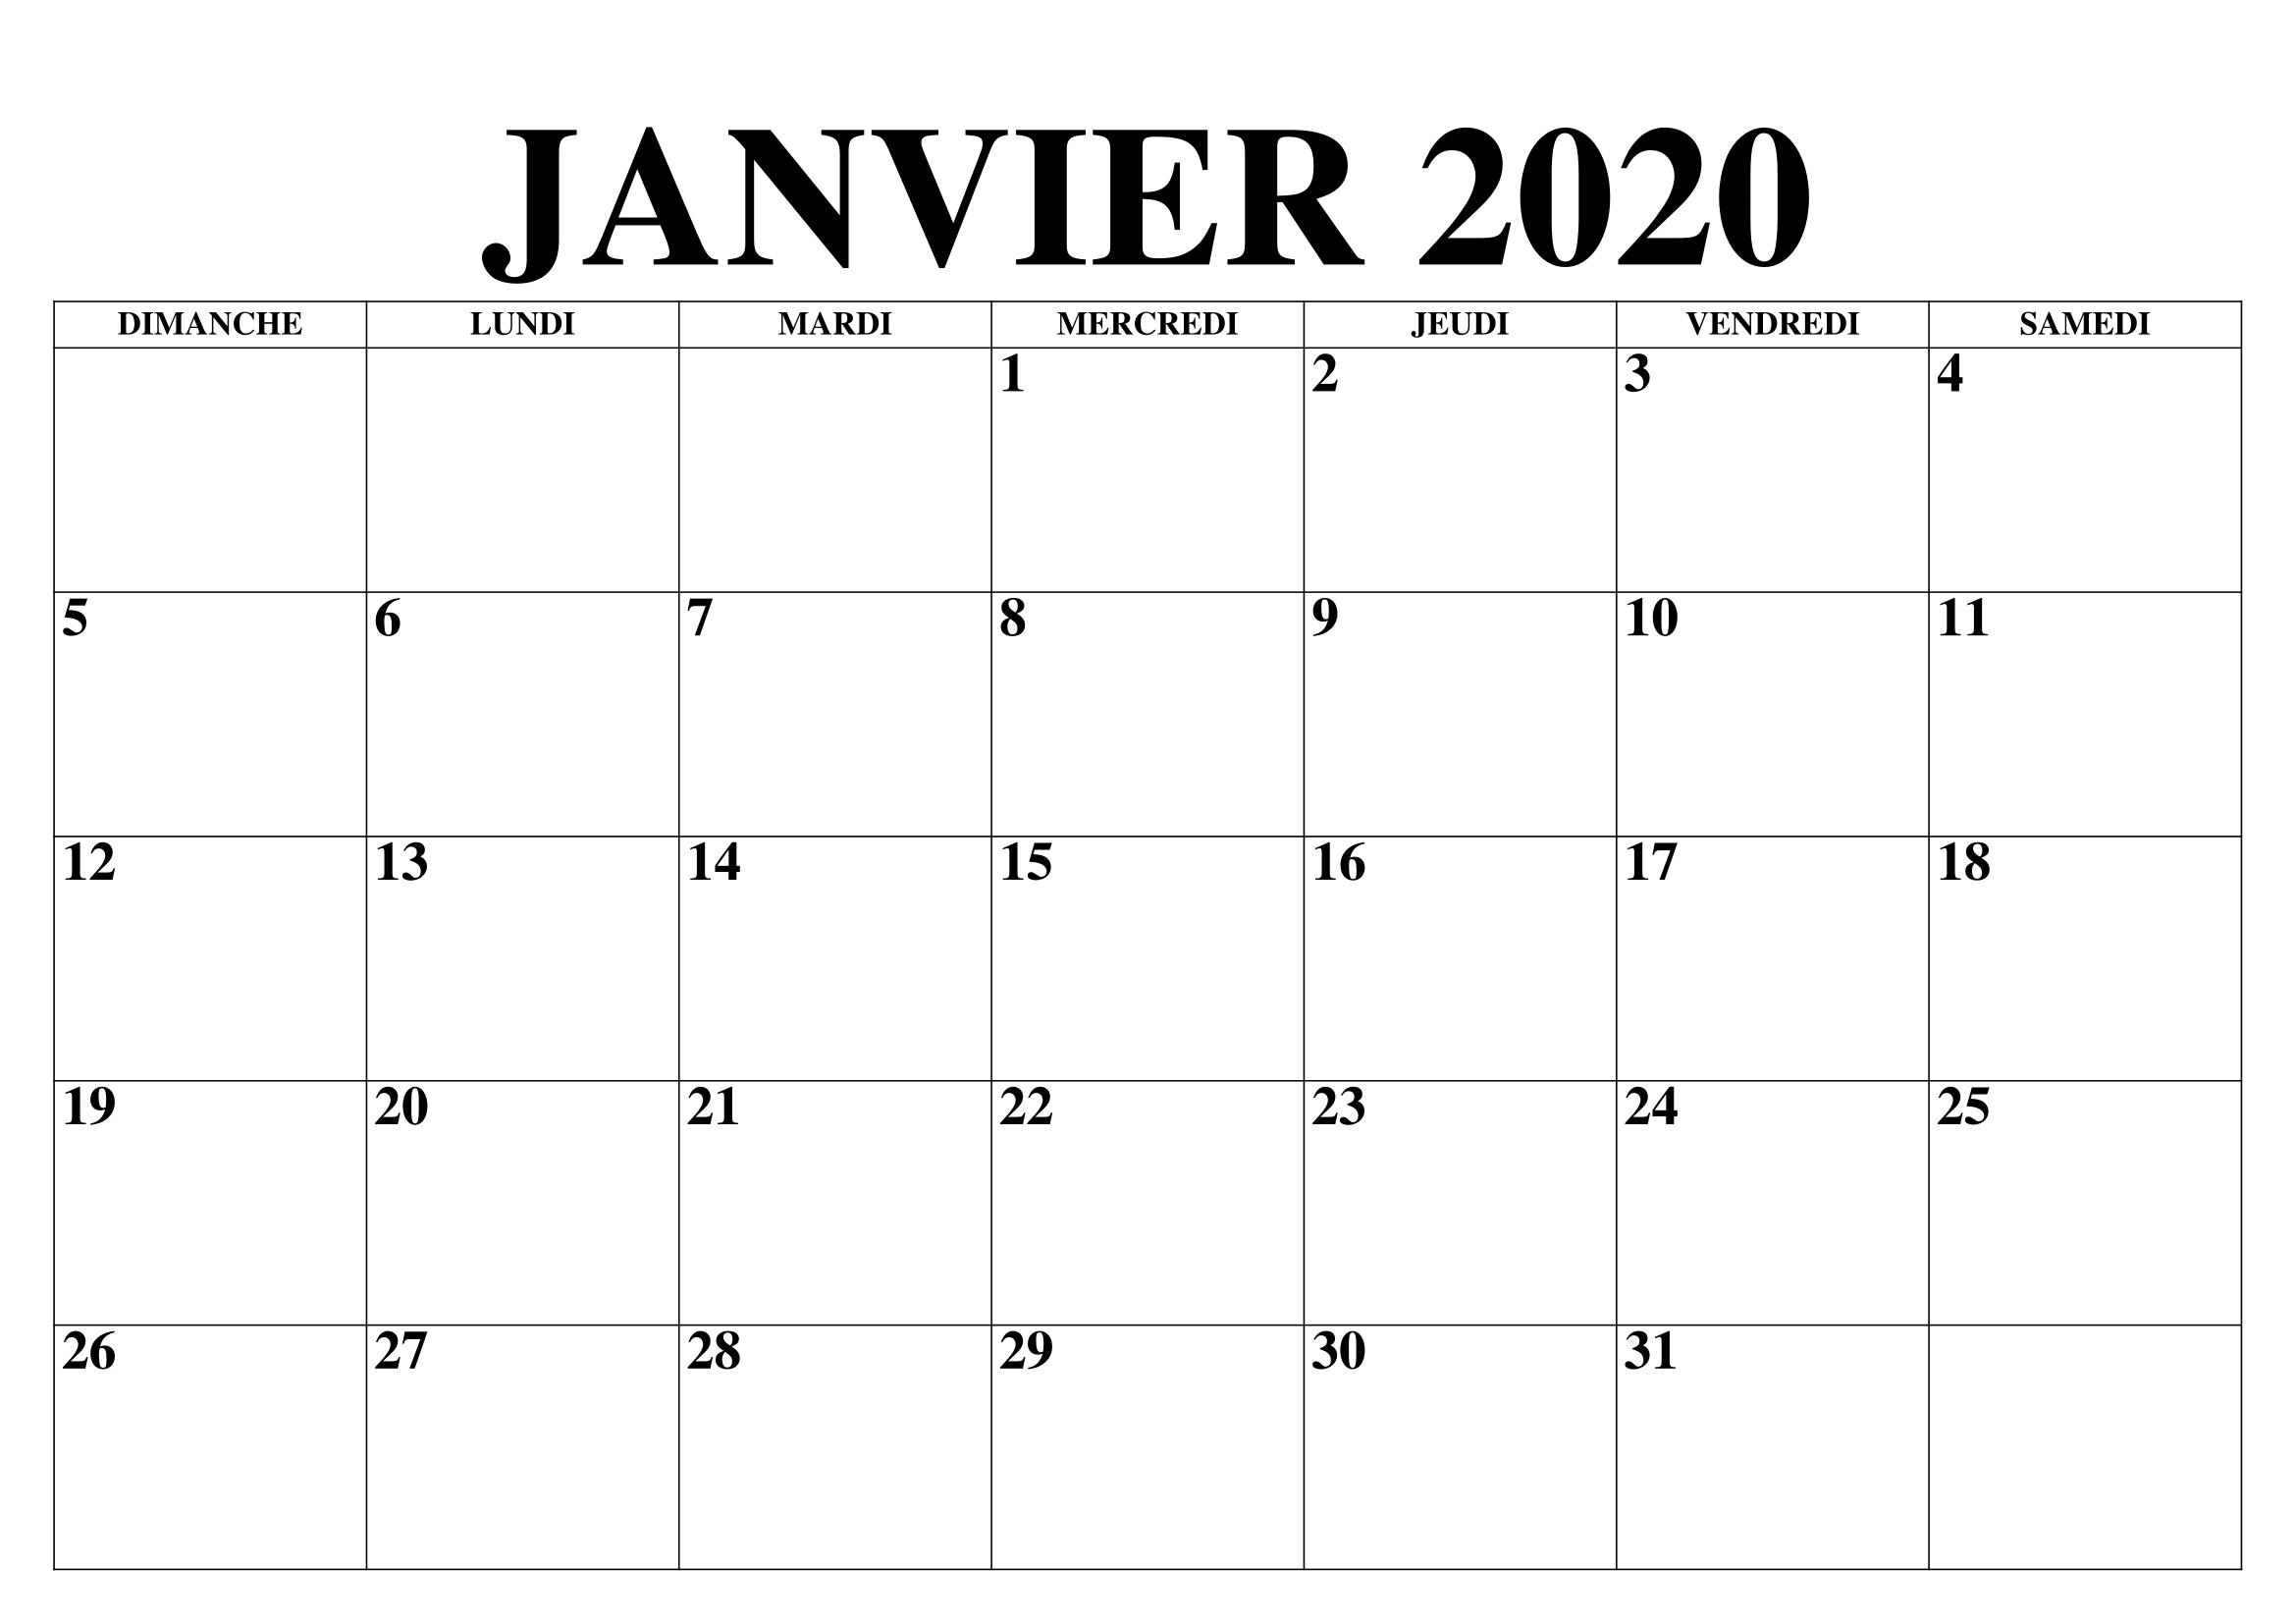 Calendrier Janvier 2020 Vacances À Imprimer | Calendrier 2020 concernant Imprimer Des Calendriers